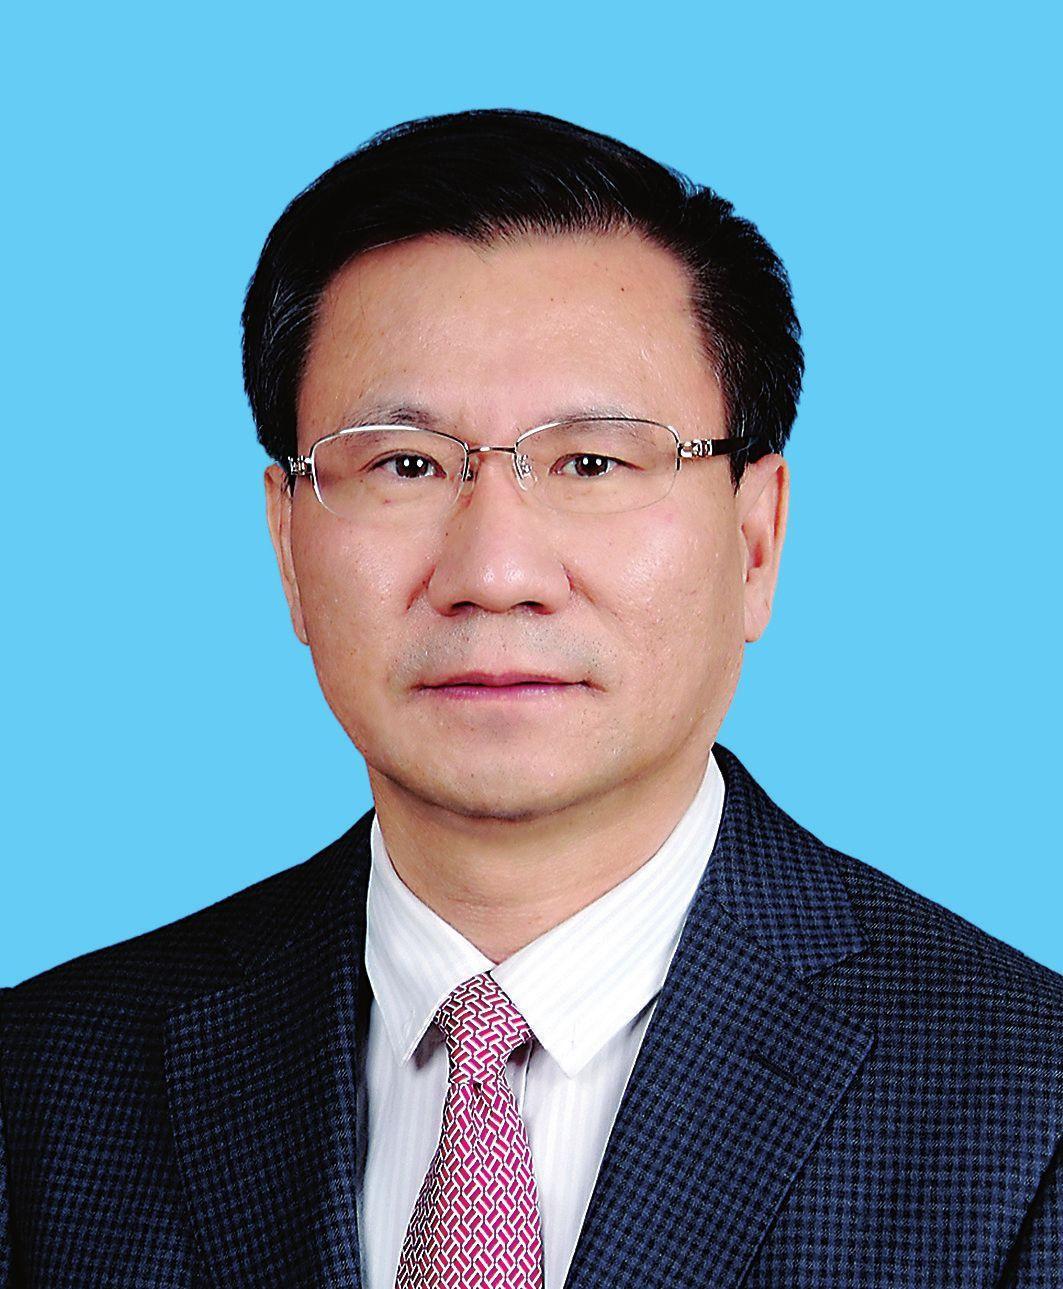 吉林省委常委、统战部部长李景浩获补选为吉林省政协副主席图片